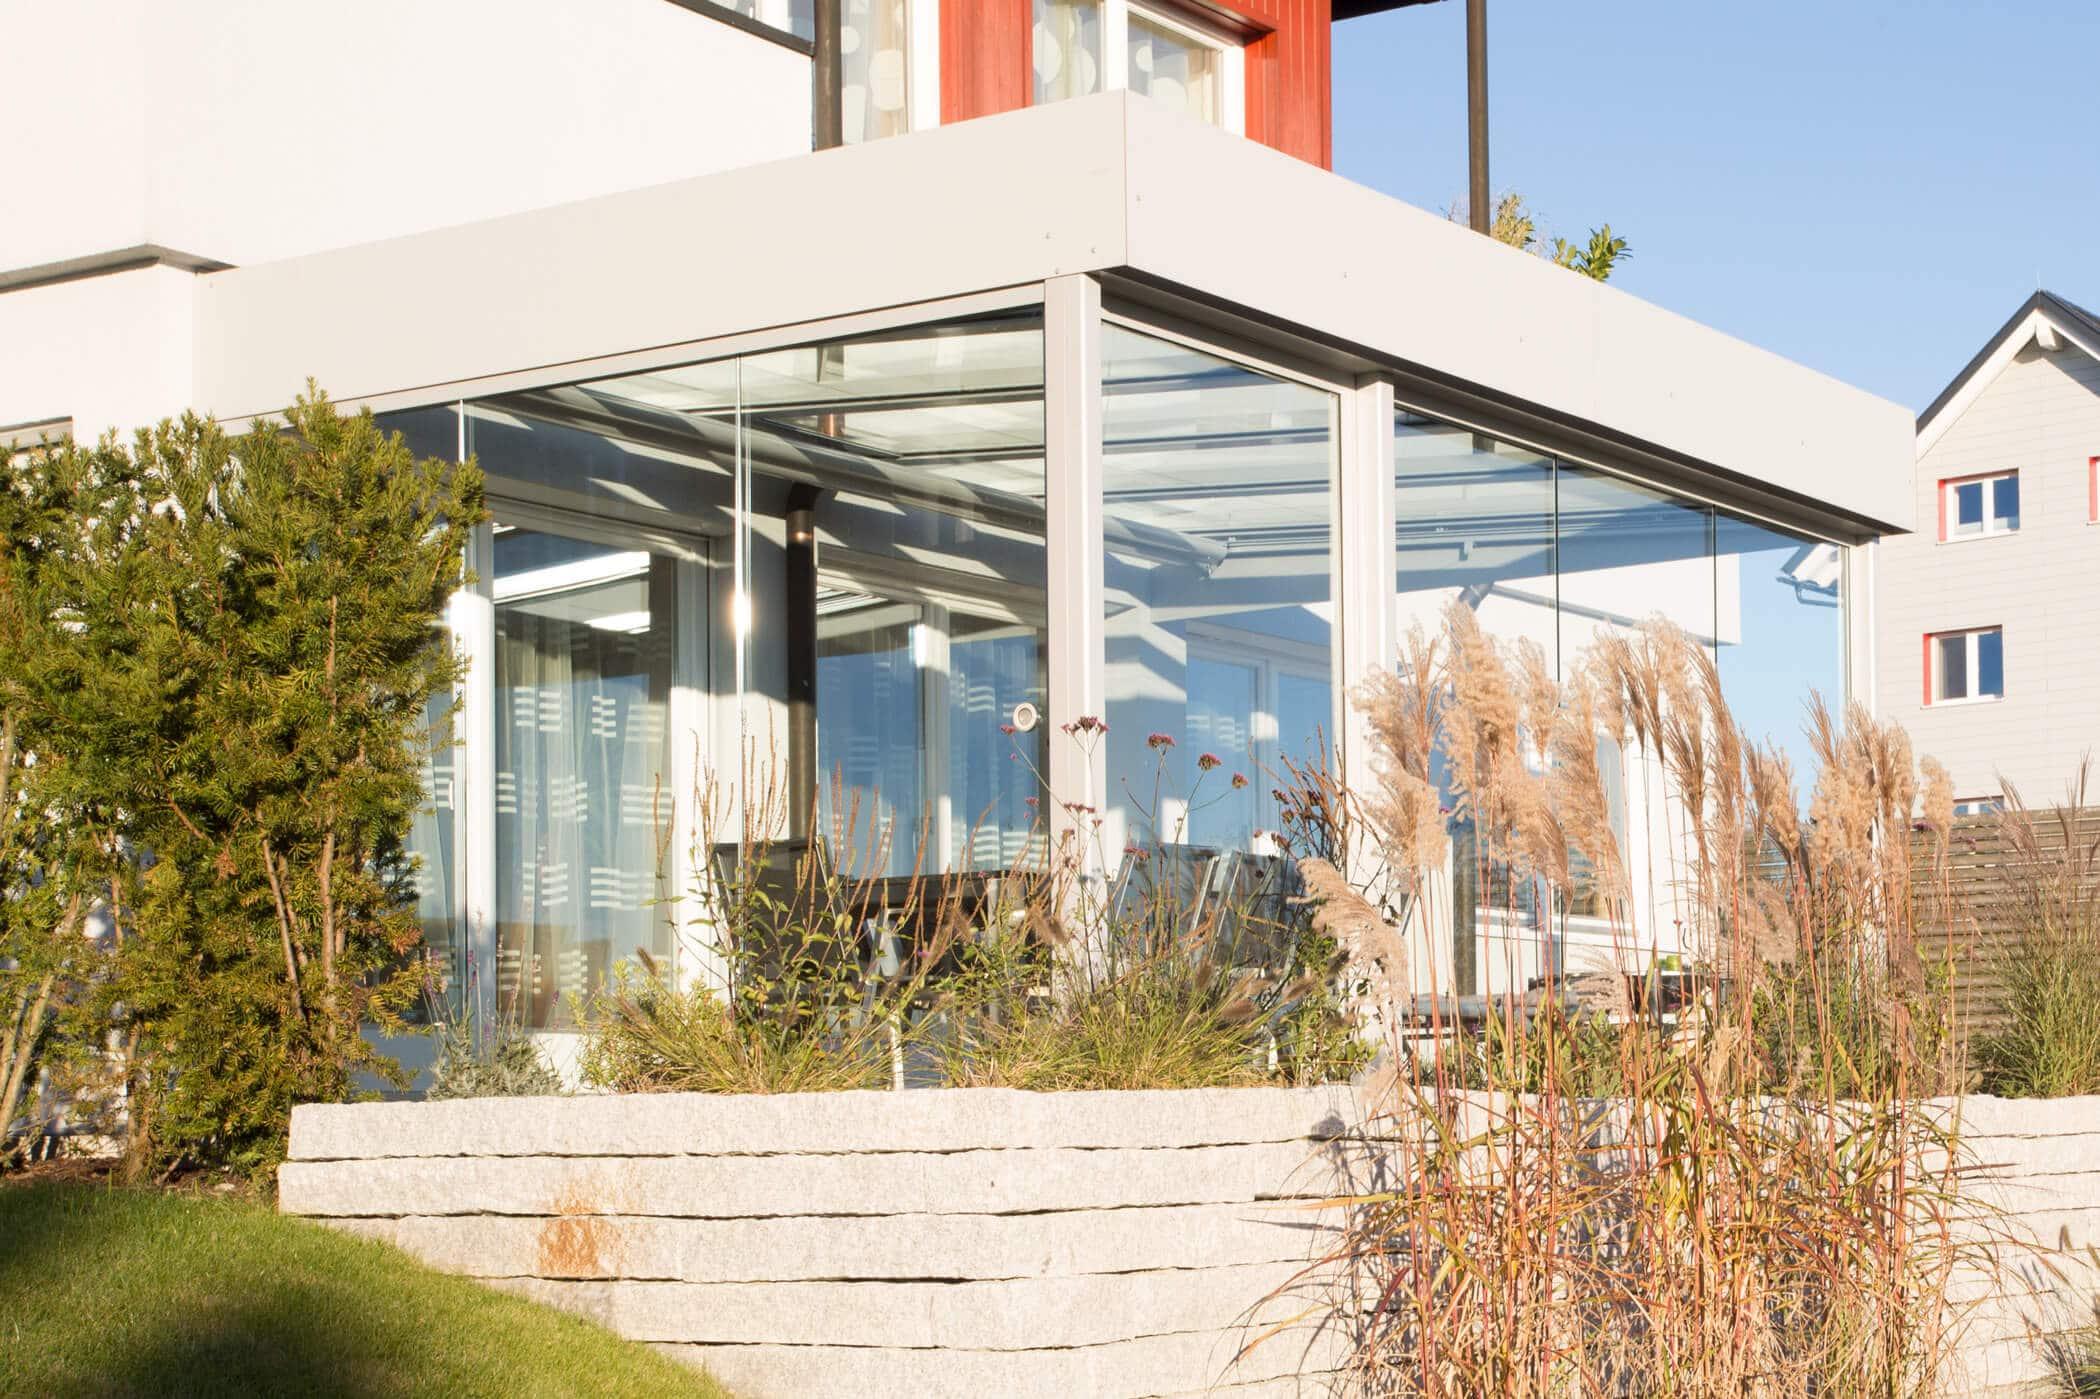 Glasschiebetüren zum Abschließen für Sommergarten